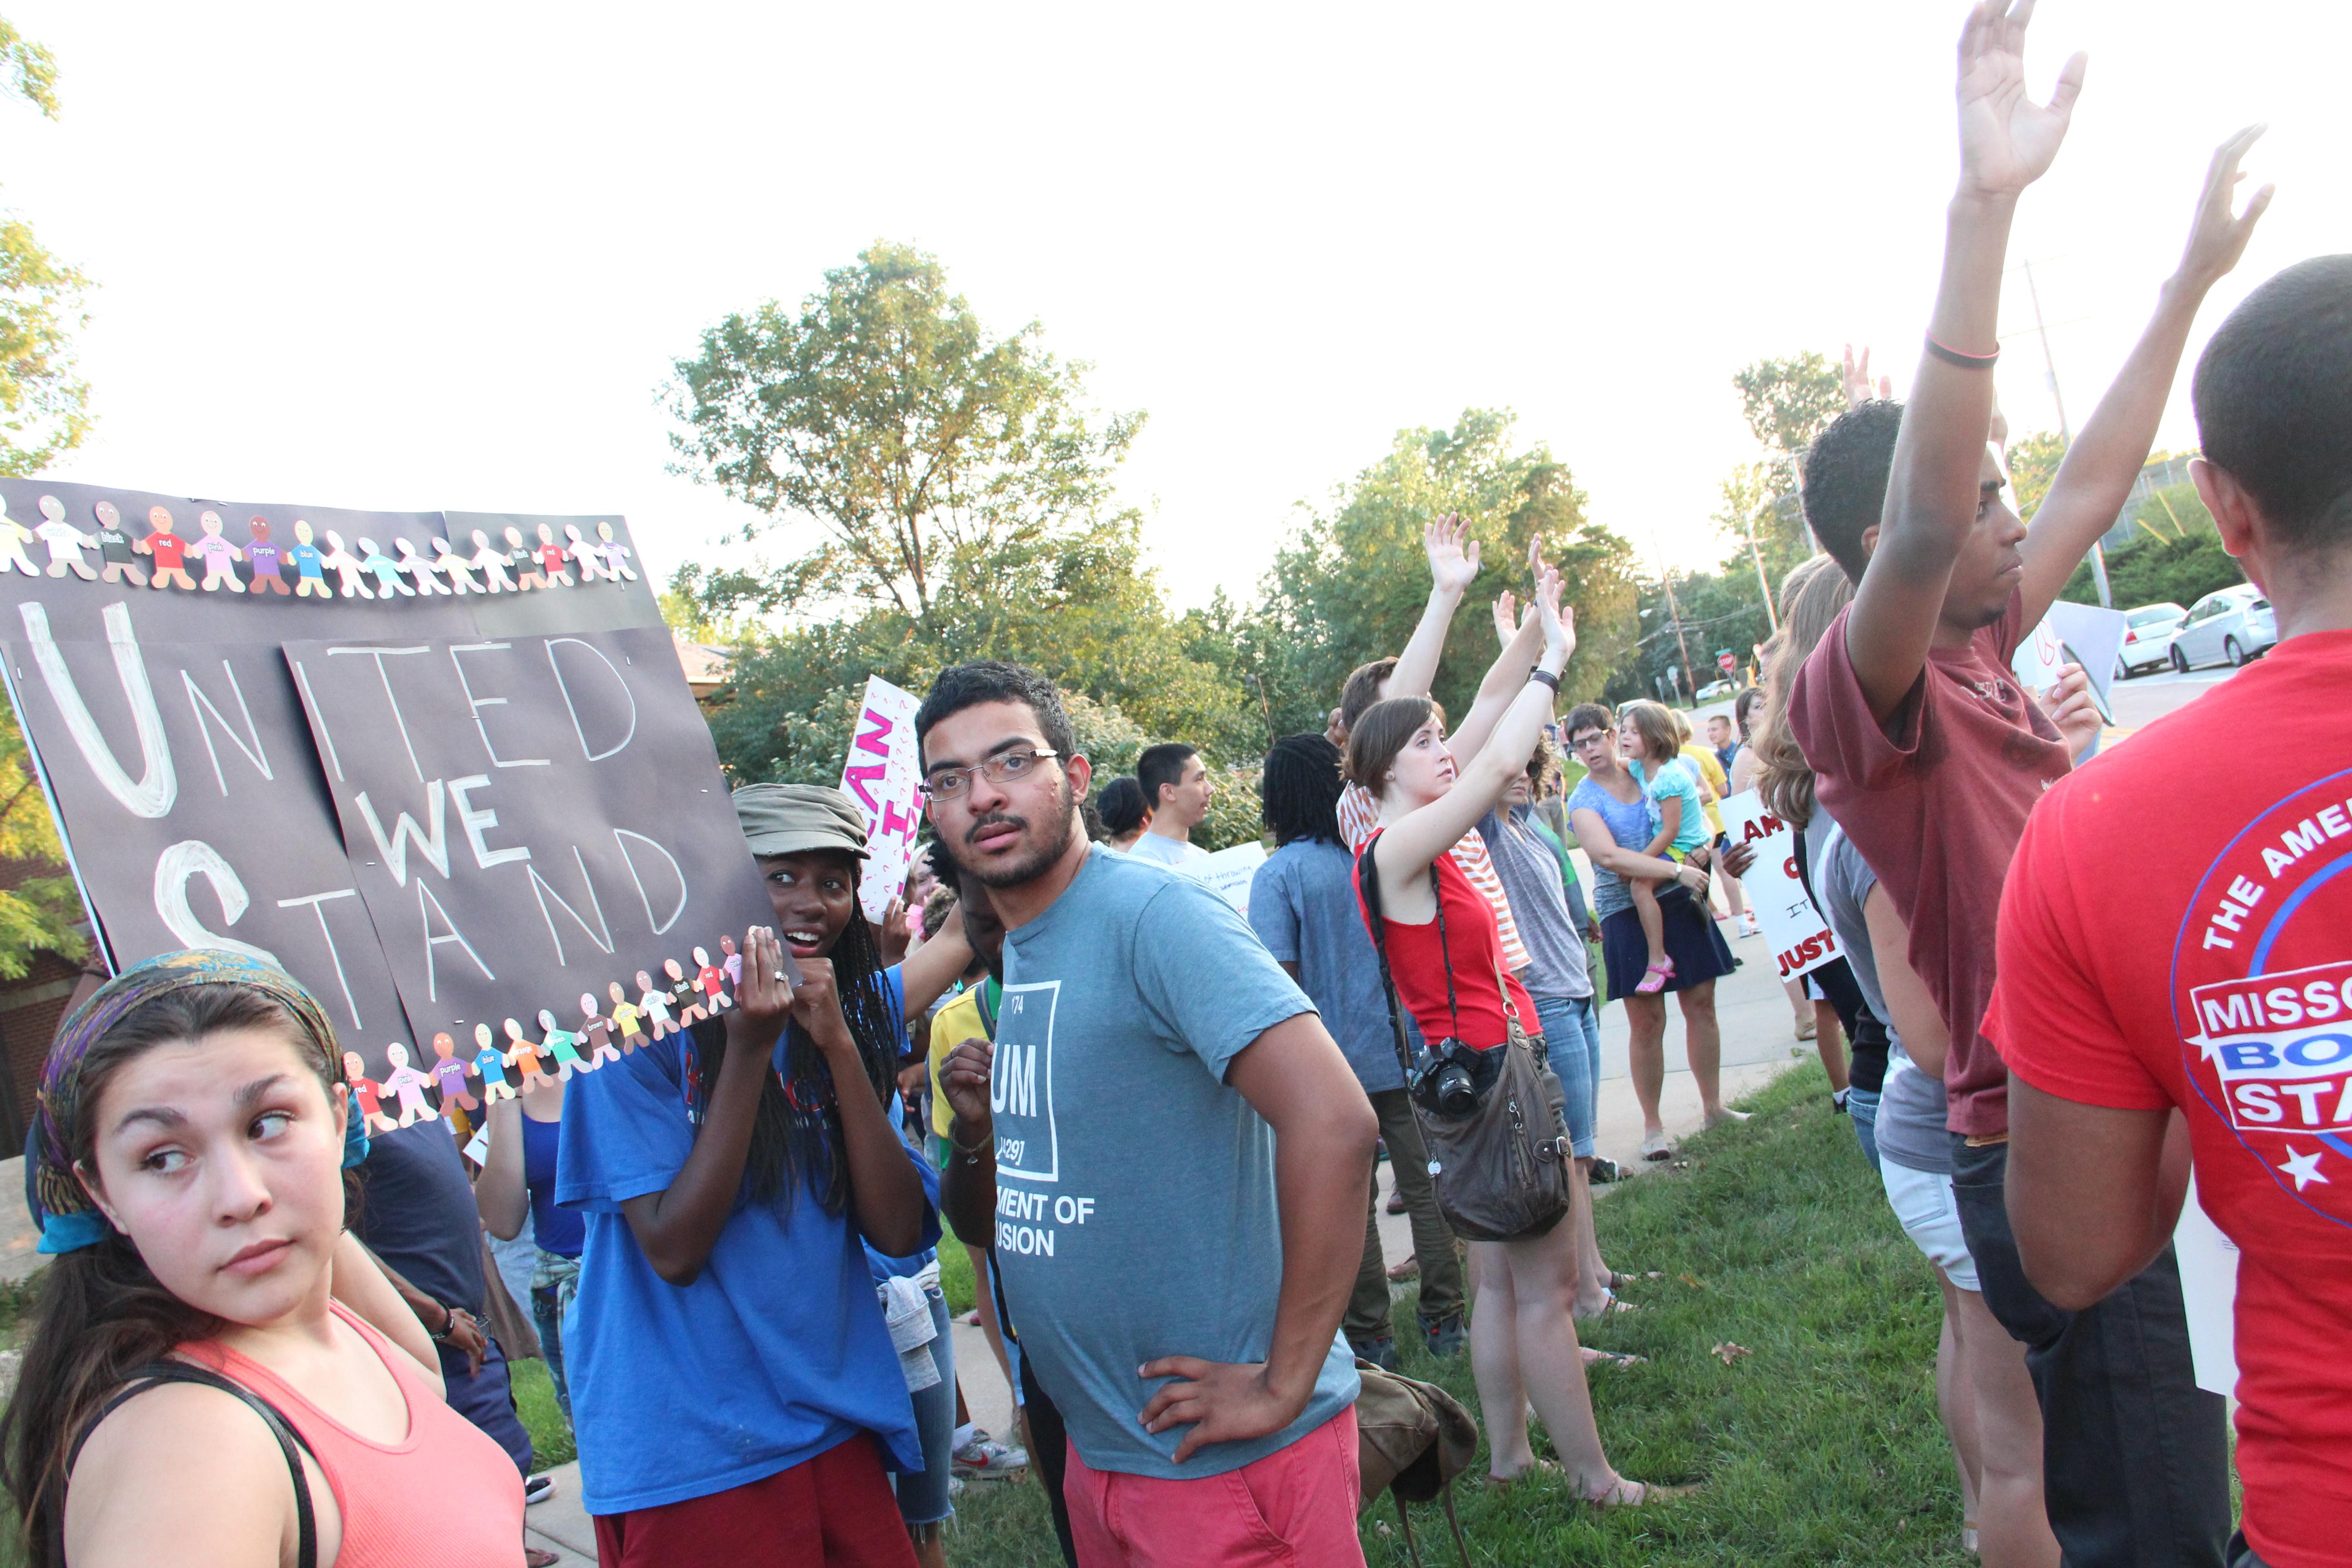 Photo courtesy of stlpublicradio.com